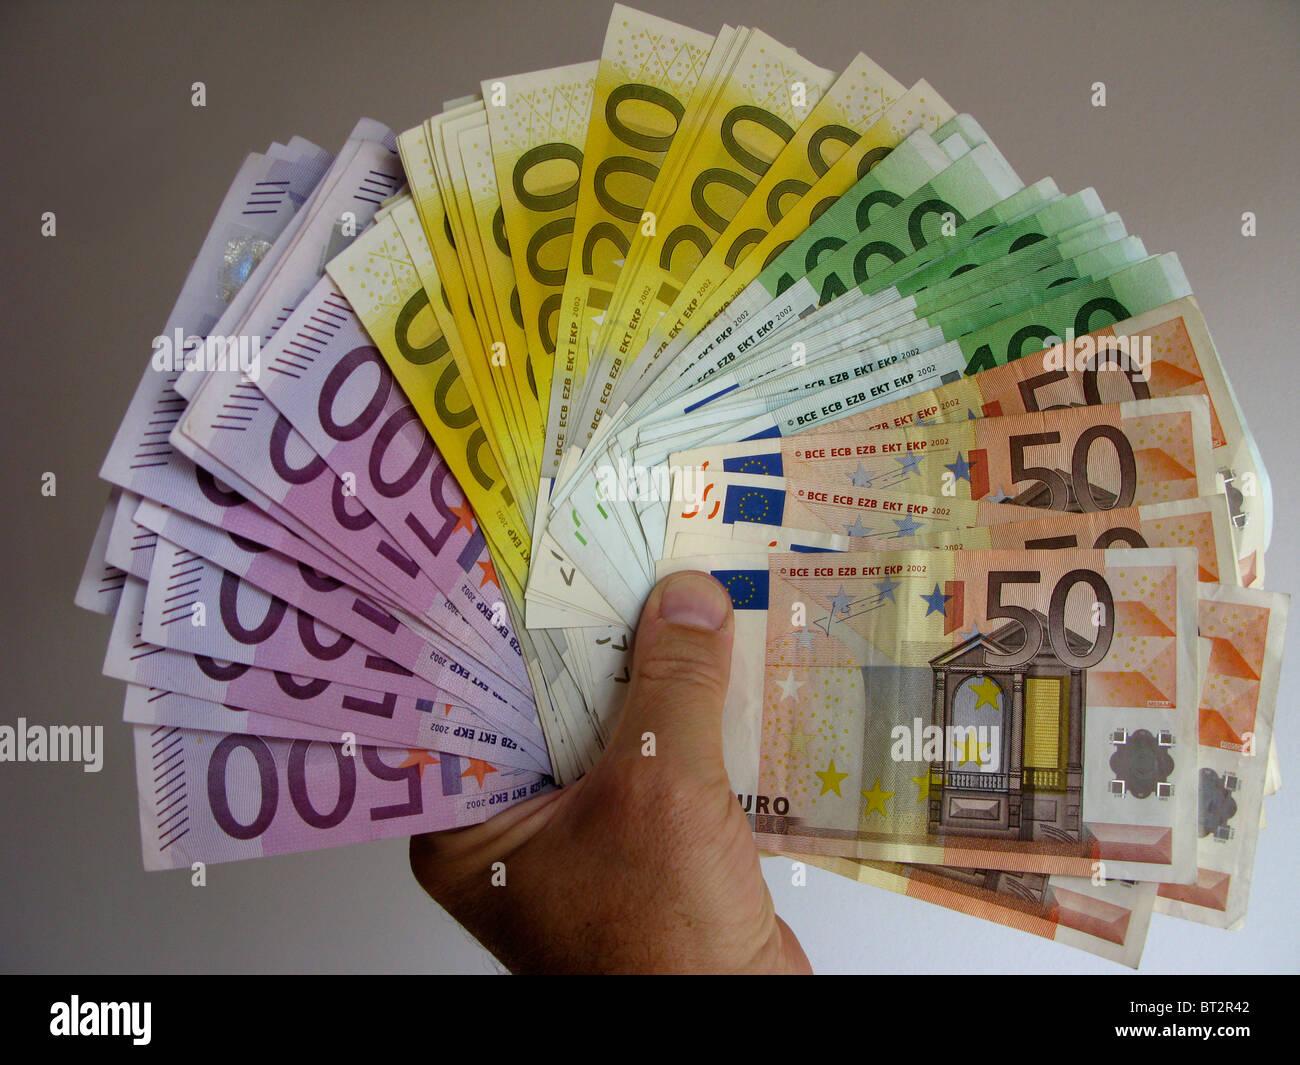 many 500 200 100 50 euro banknotes notes bills - Stock Image